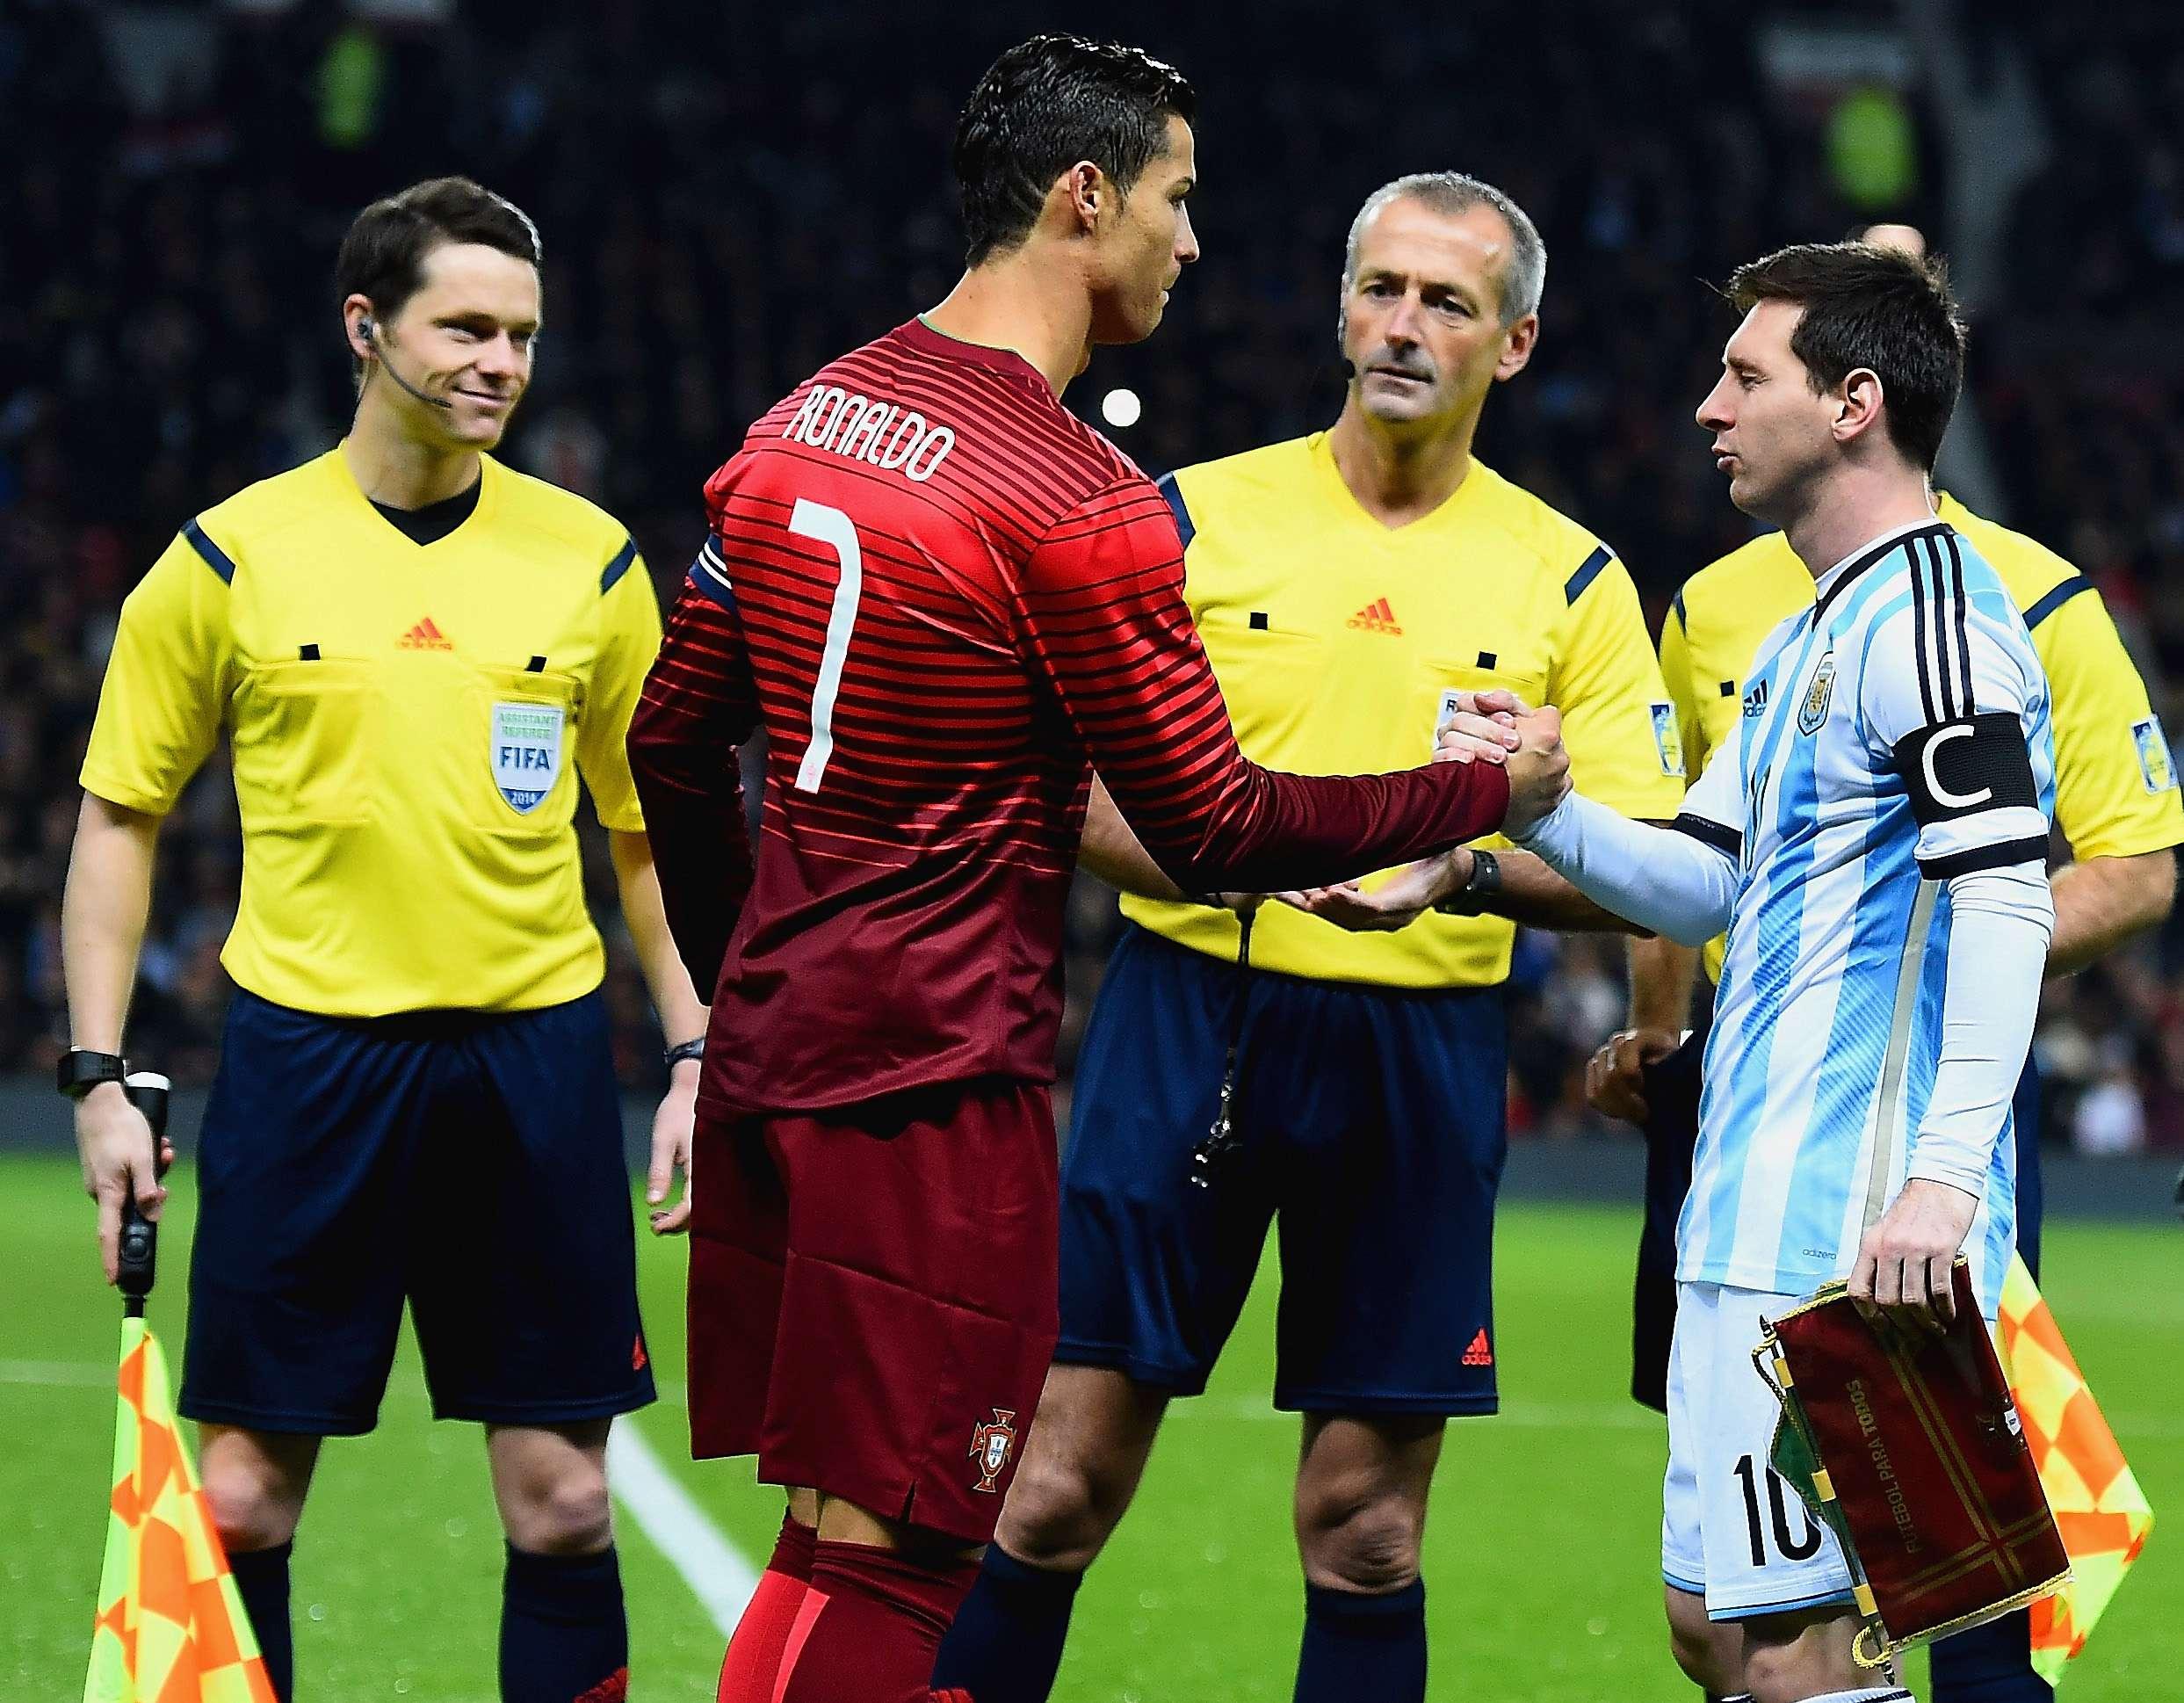 El saludo de Lionel Messi y Cristiano Ronaldo previo al inicio del juego entre Argentina y Portugal. Foto: Getty Images